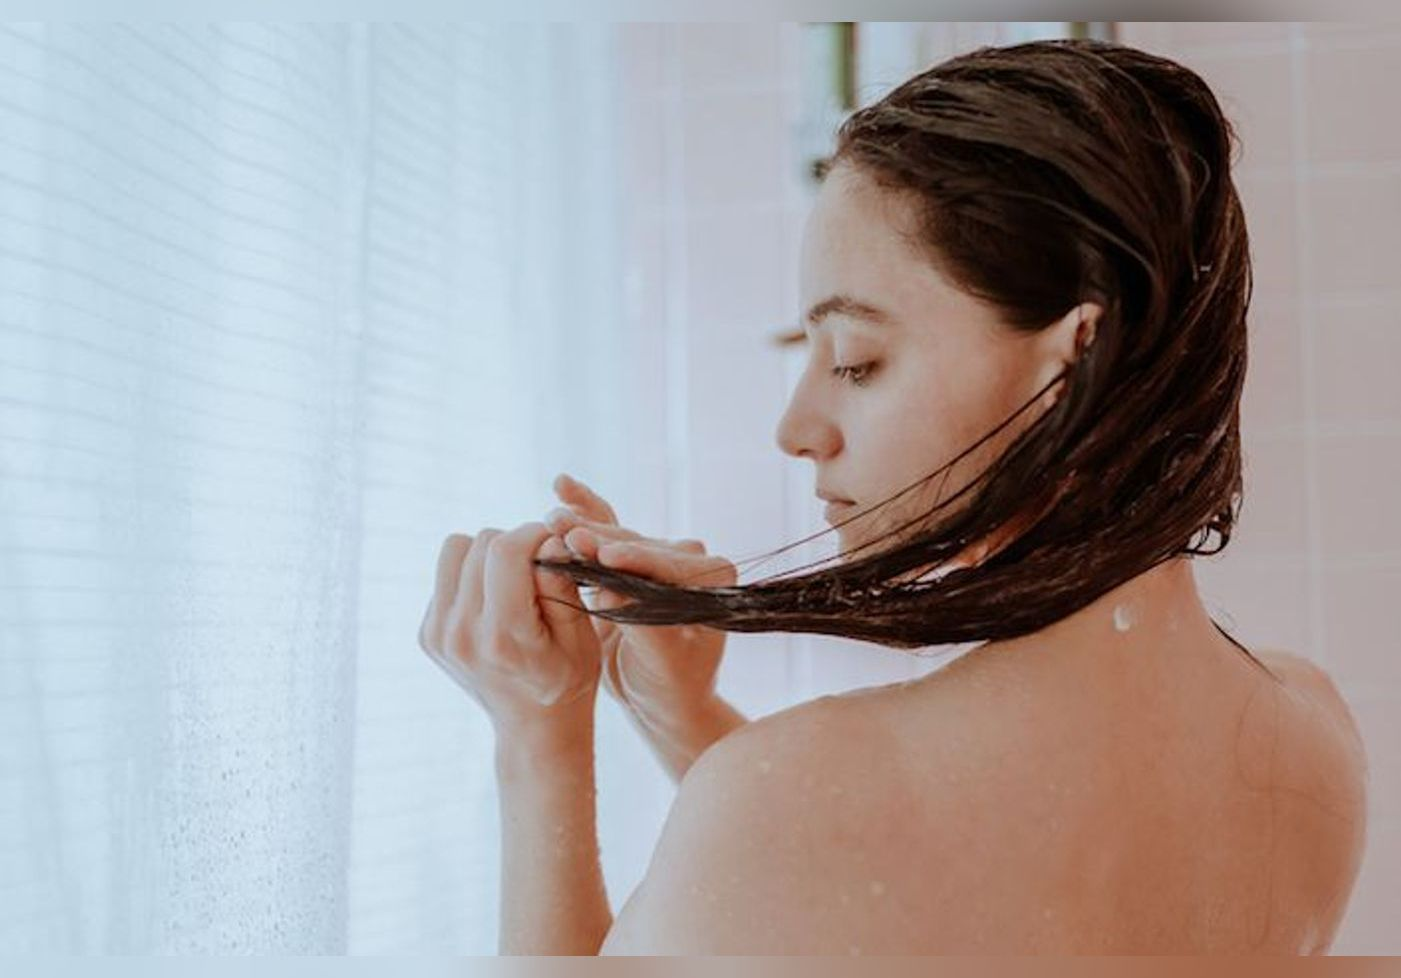 Voici des habitudes quotidiennes à ne plus commettre pour ne pas abîmer vos cheveux !